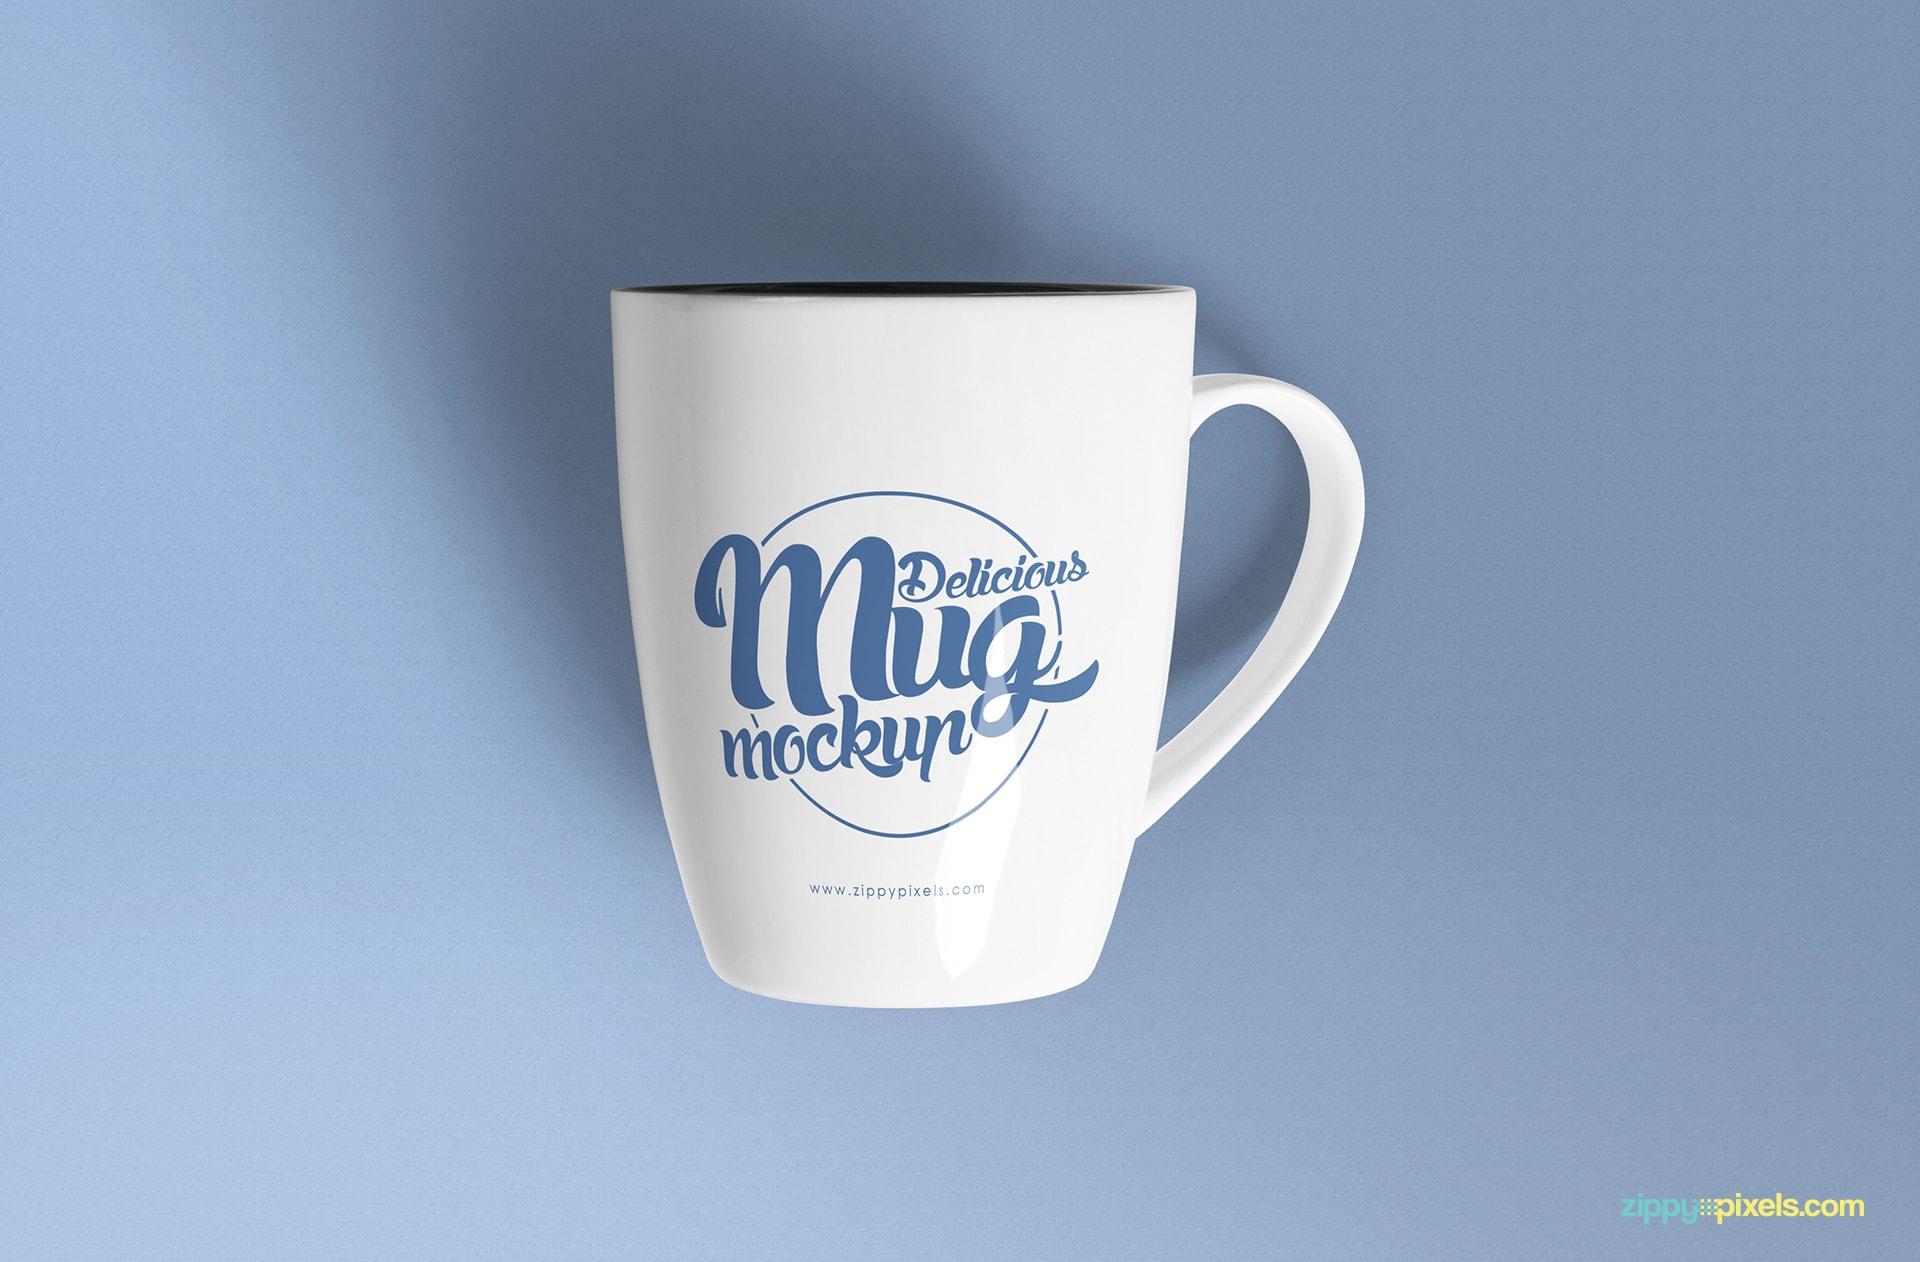 Espacio de trabajo en hora de almuerzo. Free Coffee Mug Mockup Psd S Zippypixels